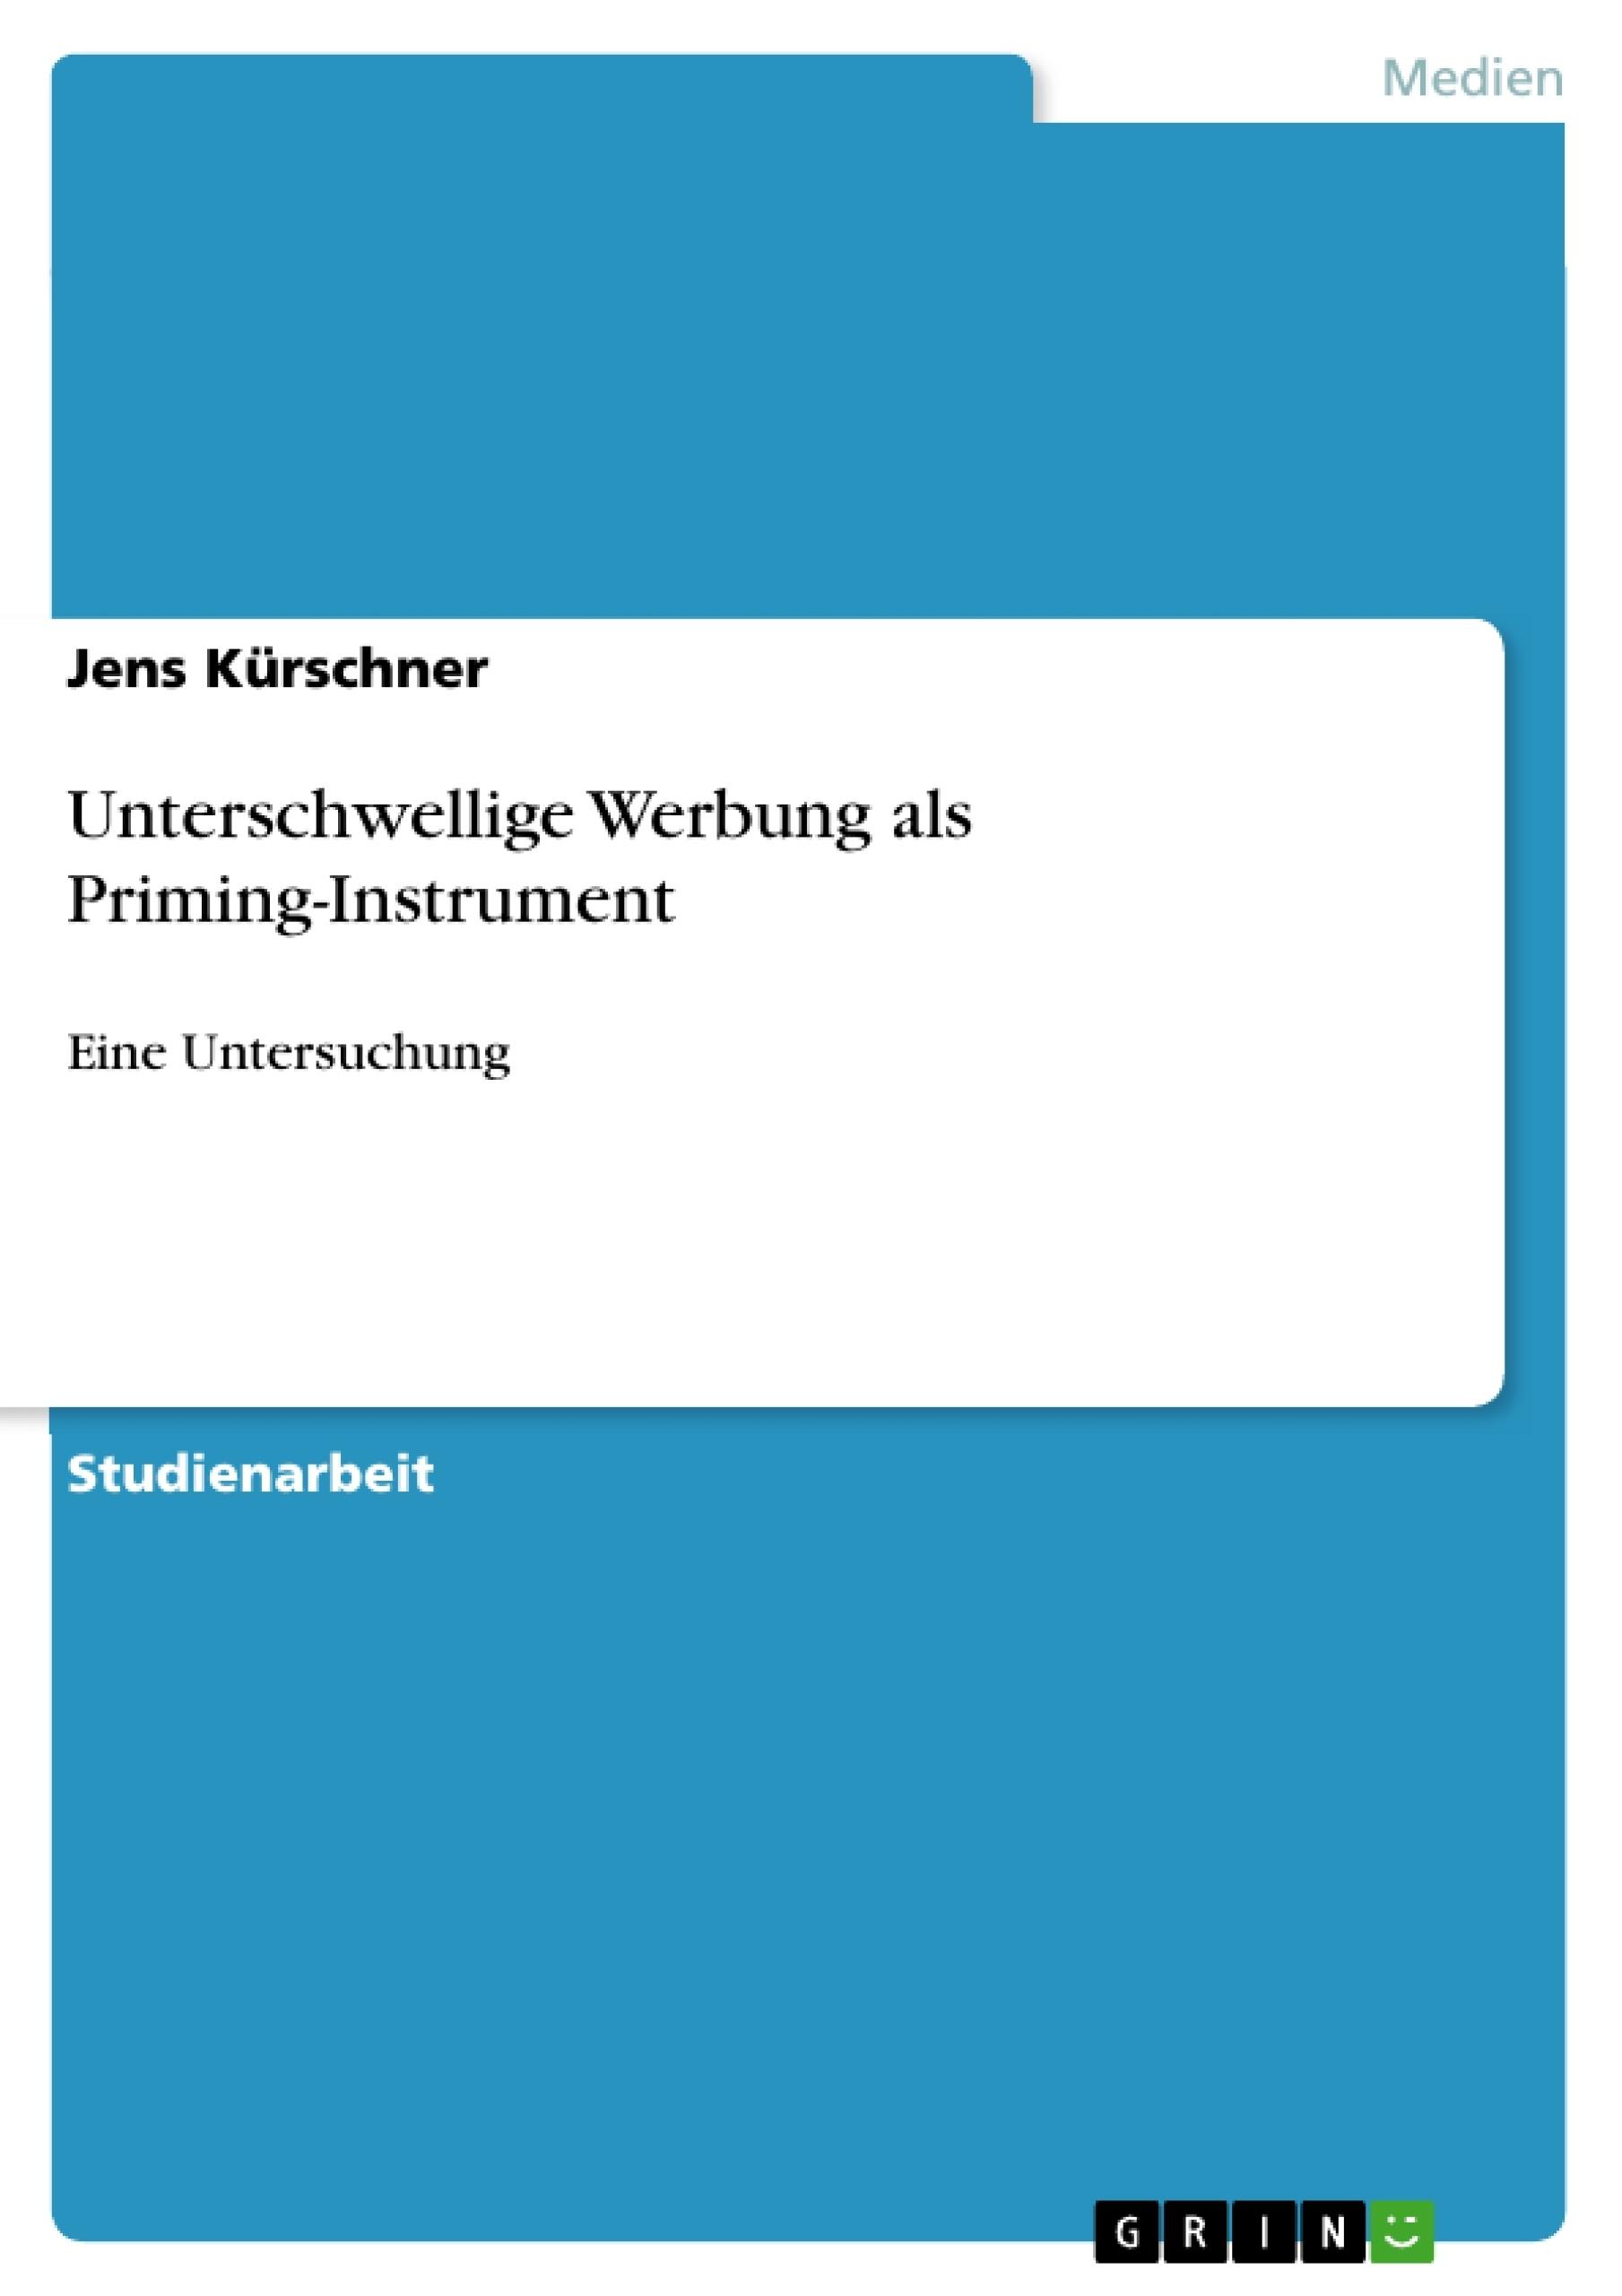 Titel: Unterschwellige Werbung als Priming-Instrument